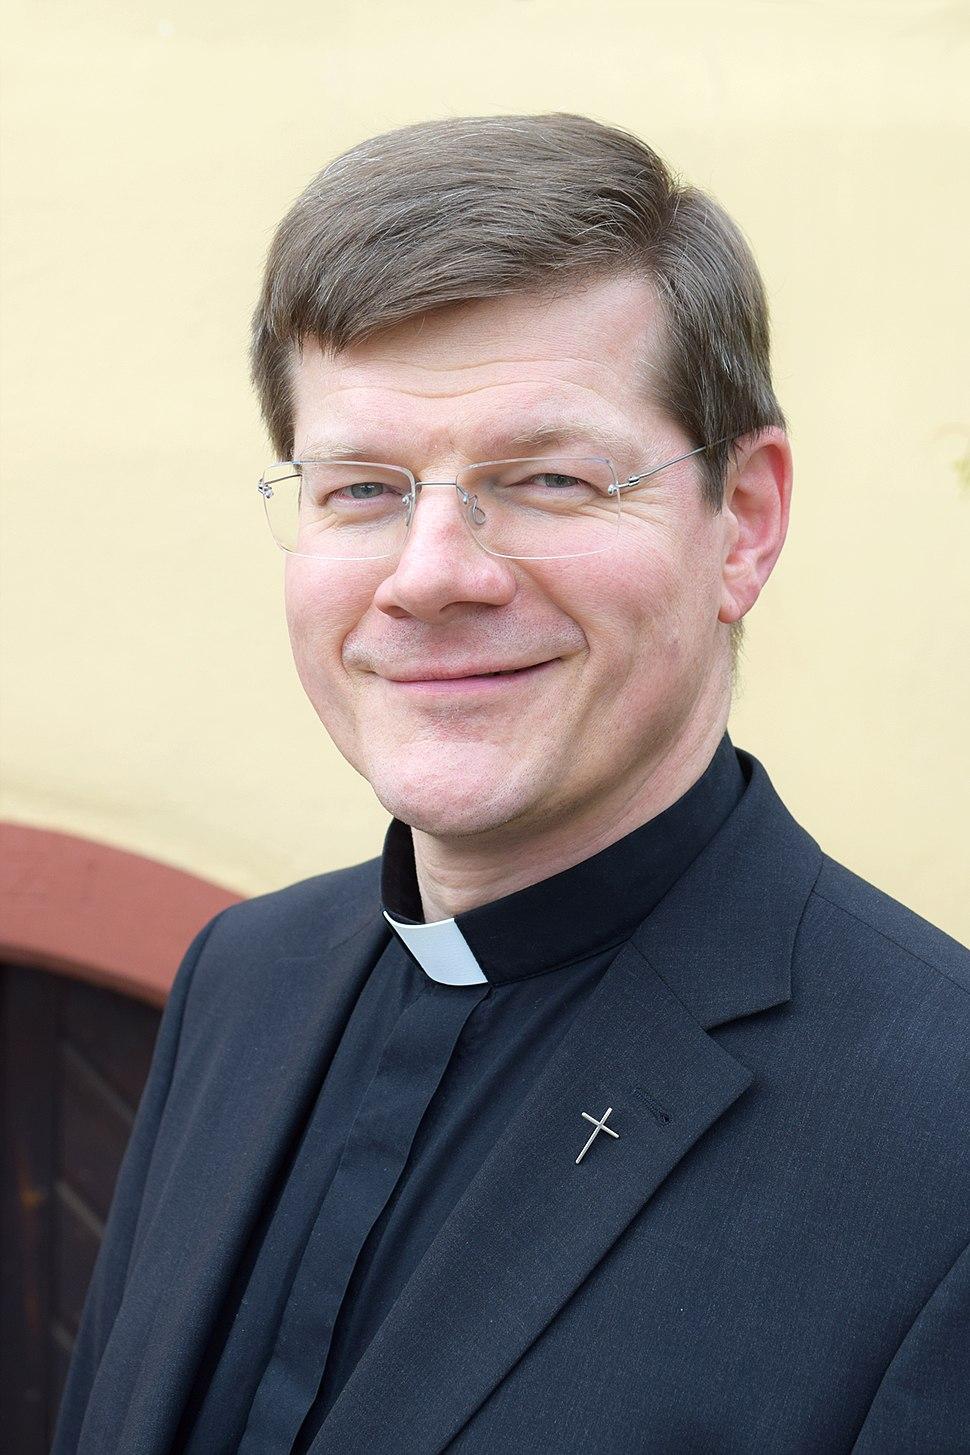 Stephan Burger